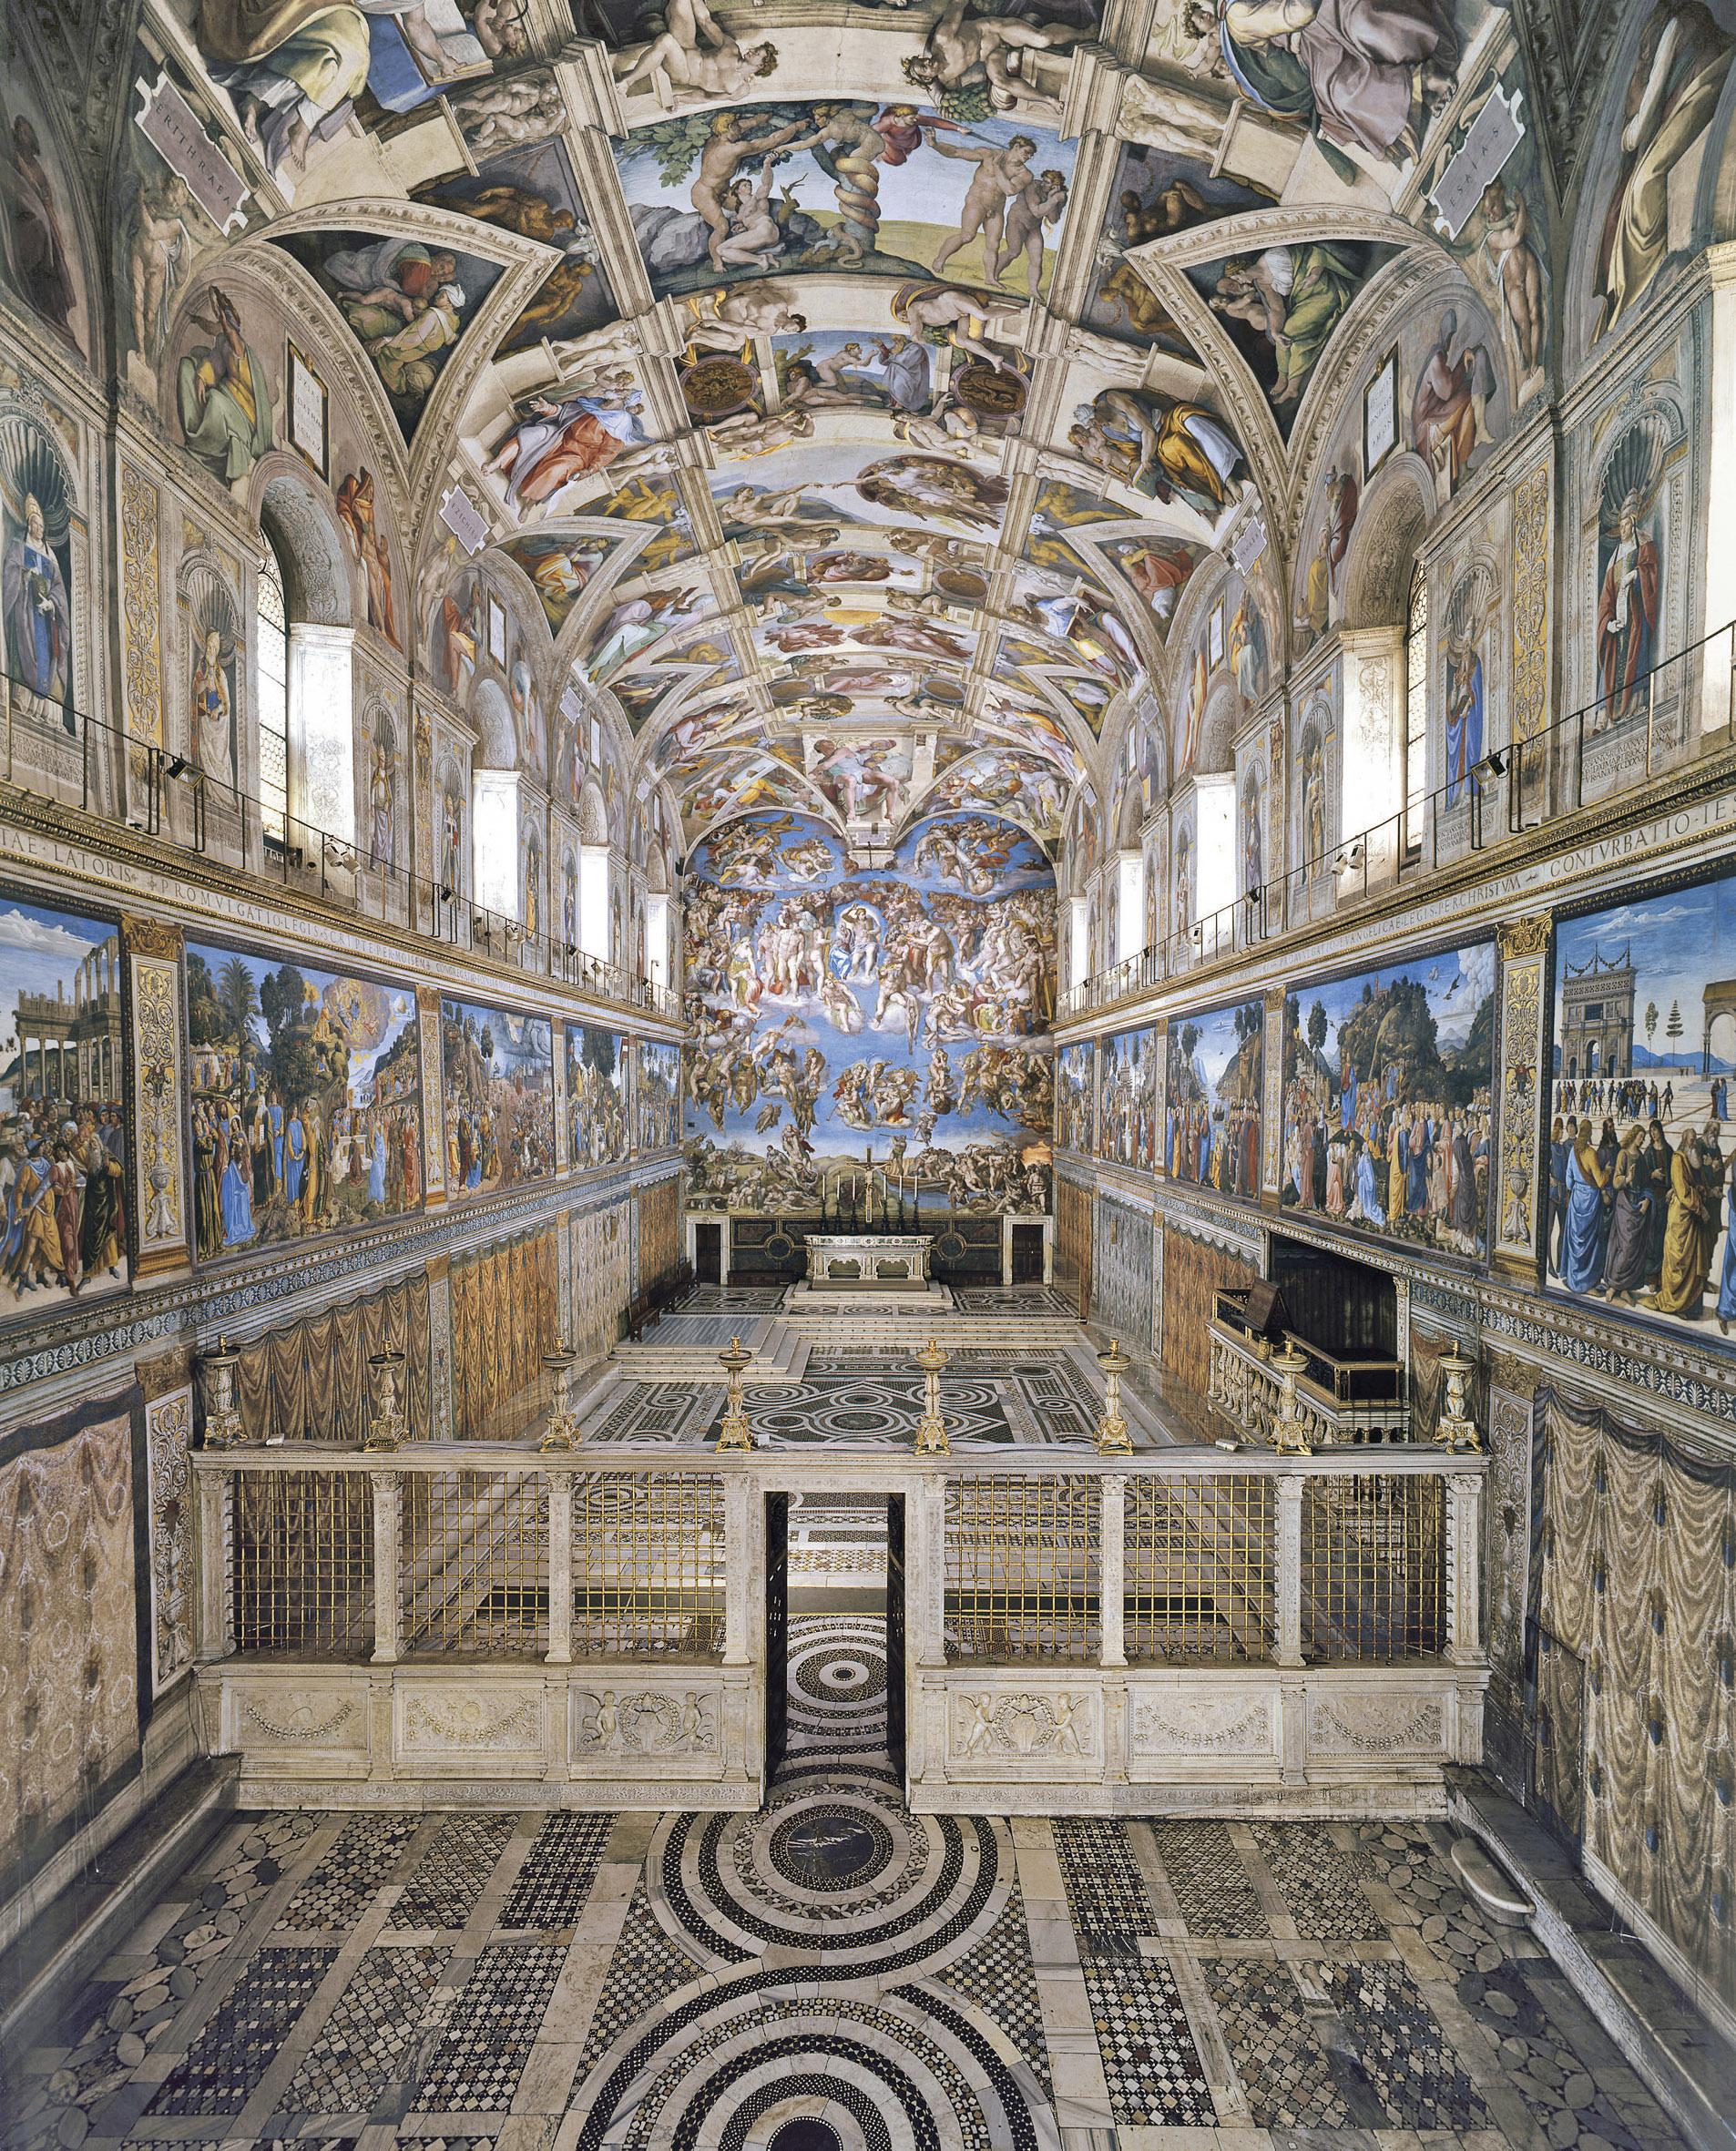 La chapelle Sixtine, courtoisie des Musées du Vatican